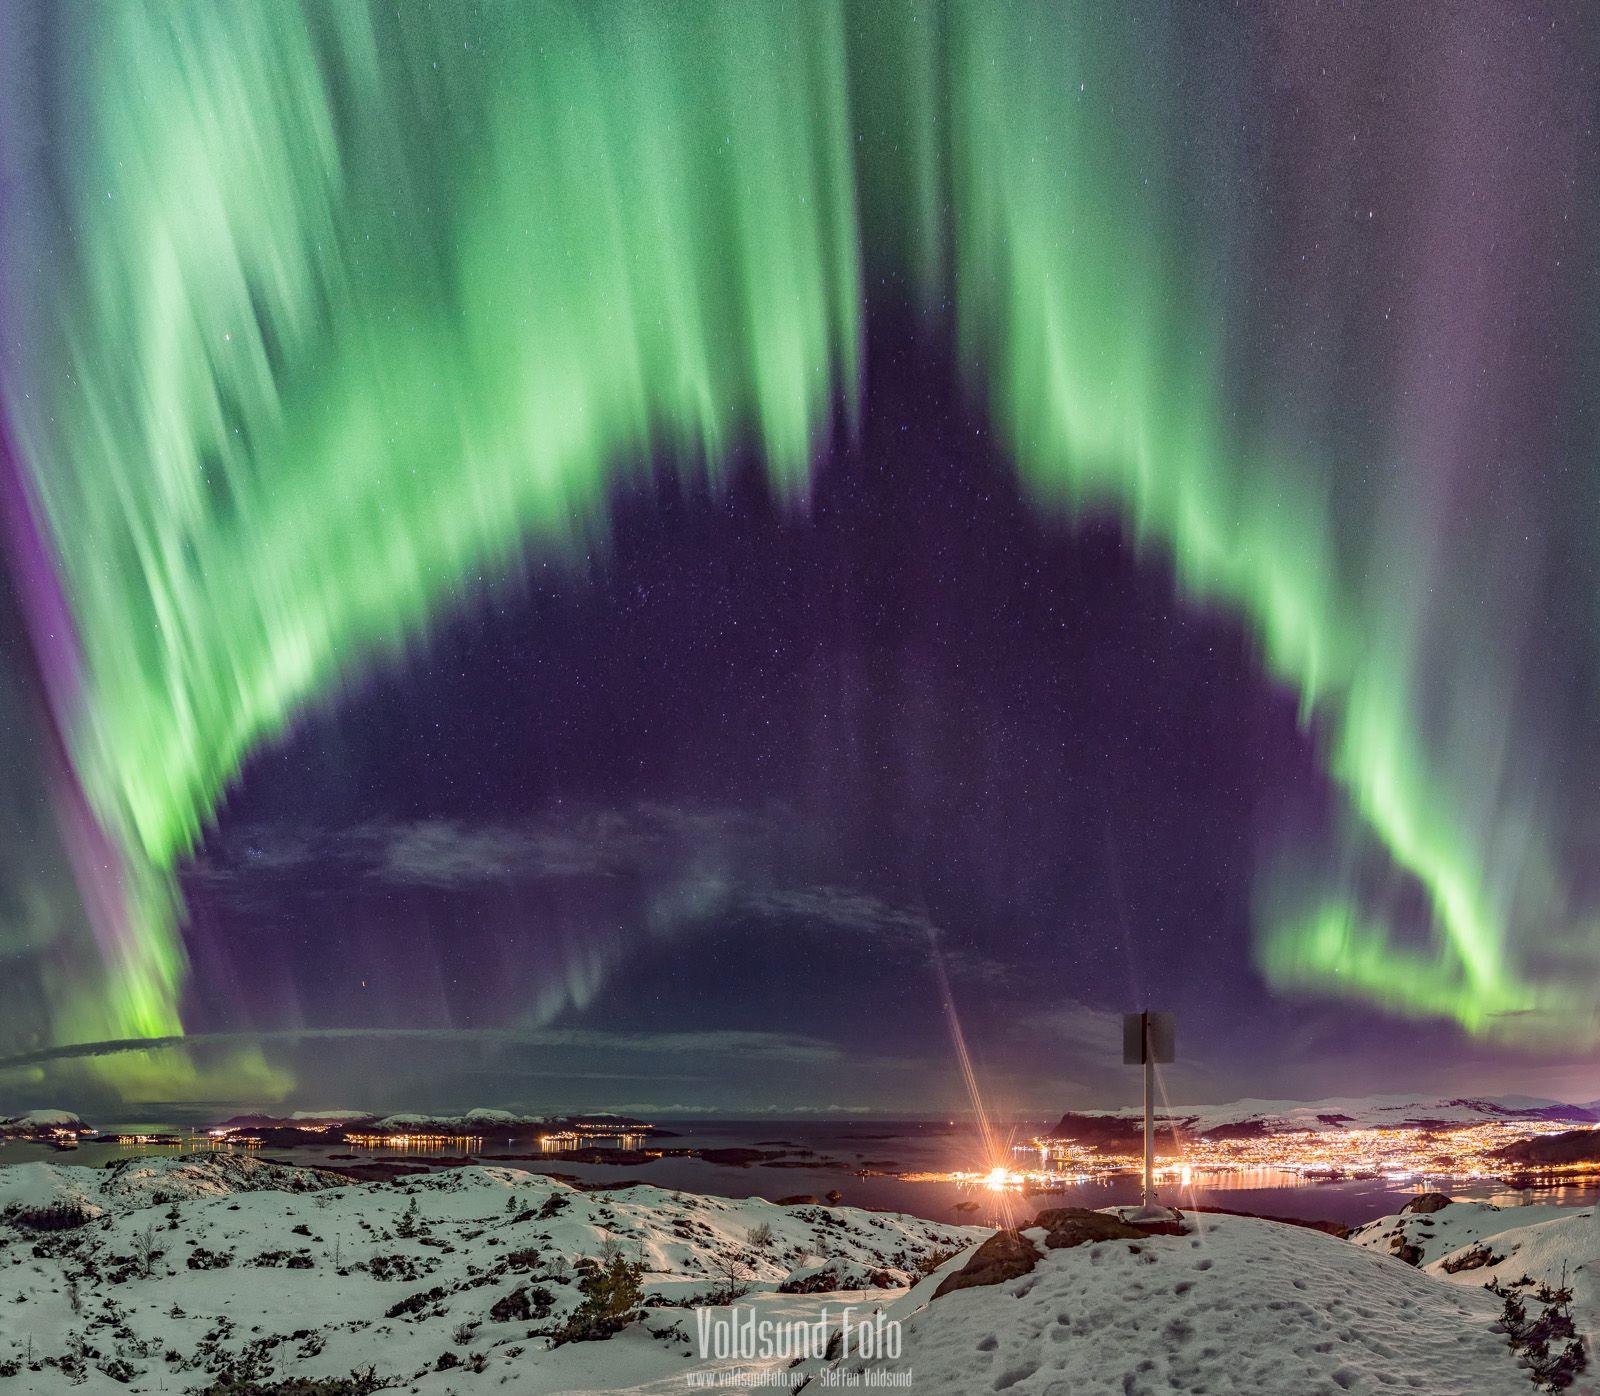 Aurora Voldsund Foto